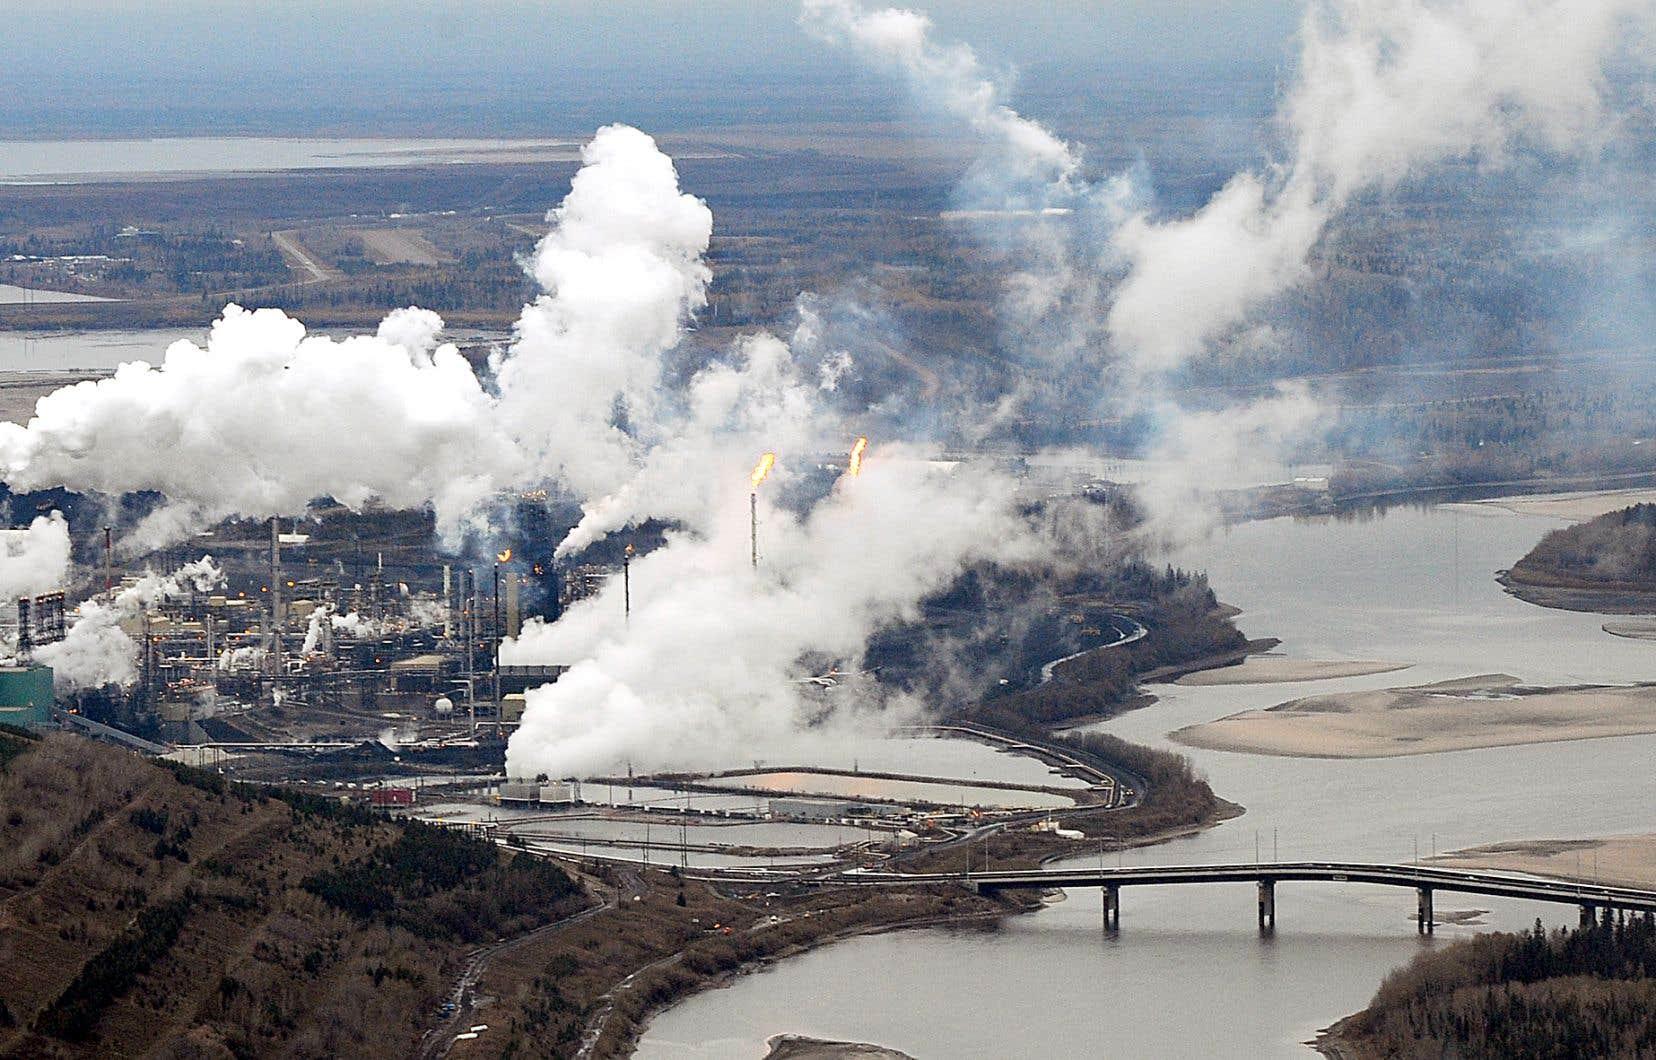 La croissance de l'industrie des sables bitumineux n'est d'aucune façon compatible ou conciliable avec une politique climatique crédible, estime l'auteur.